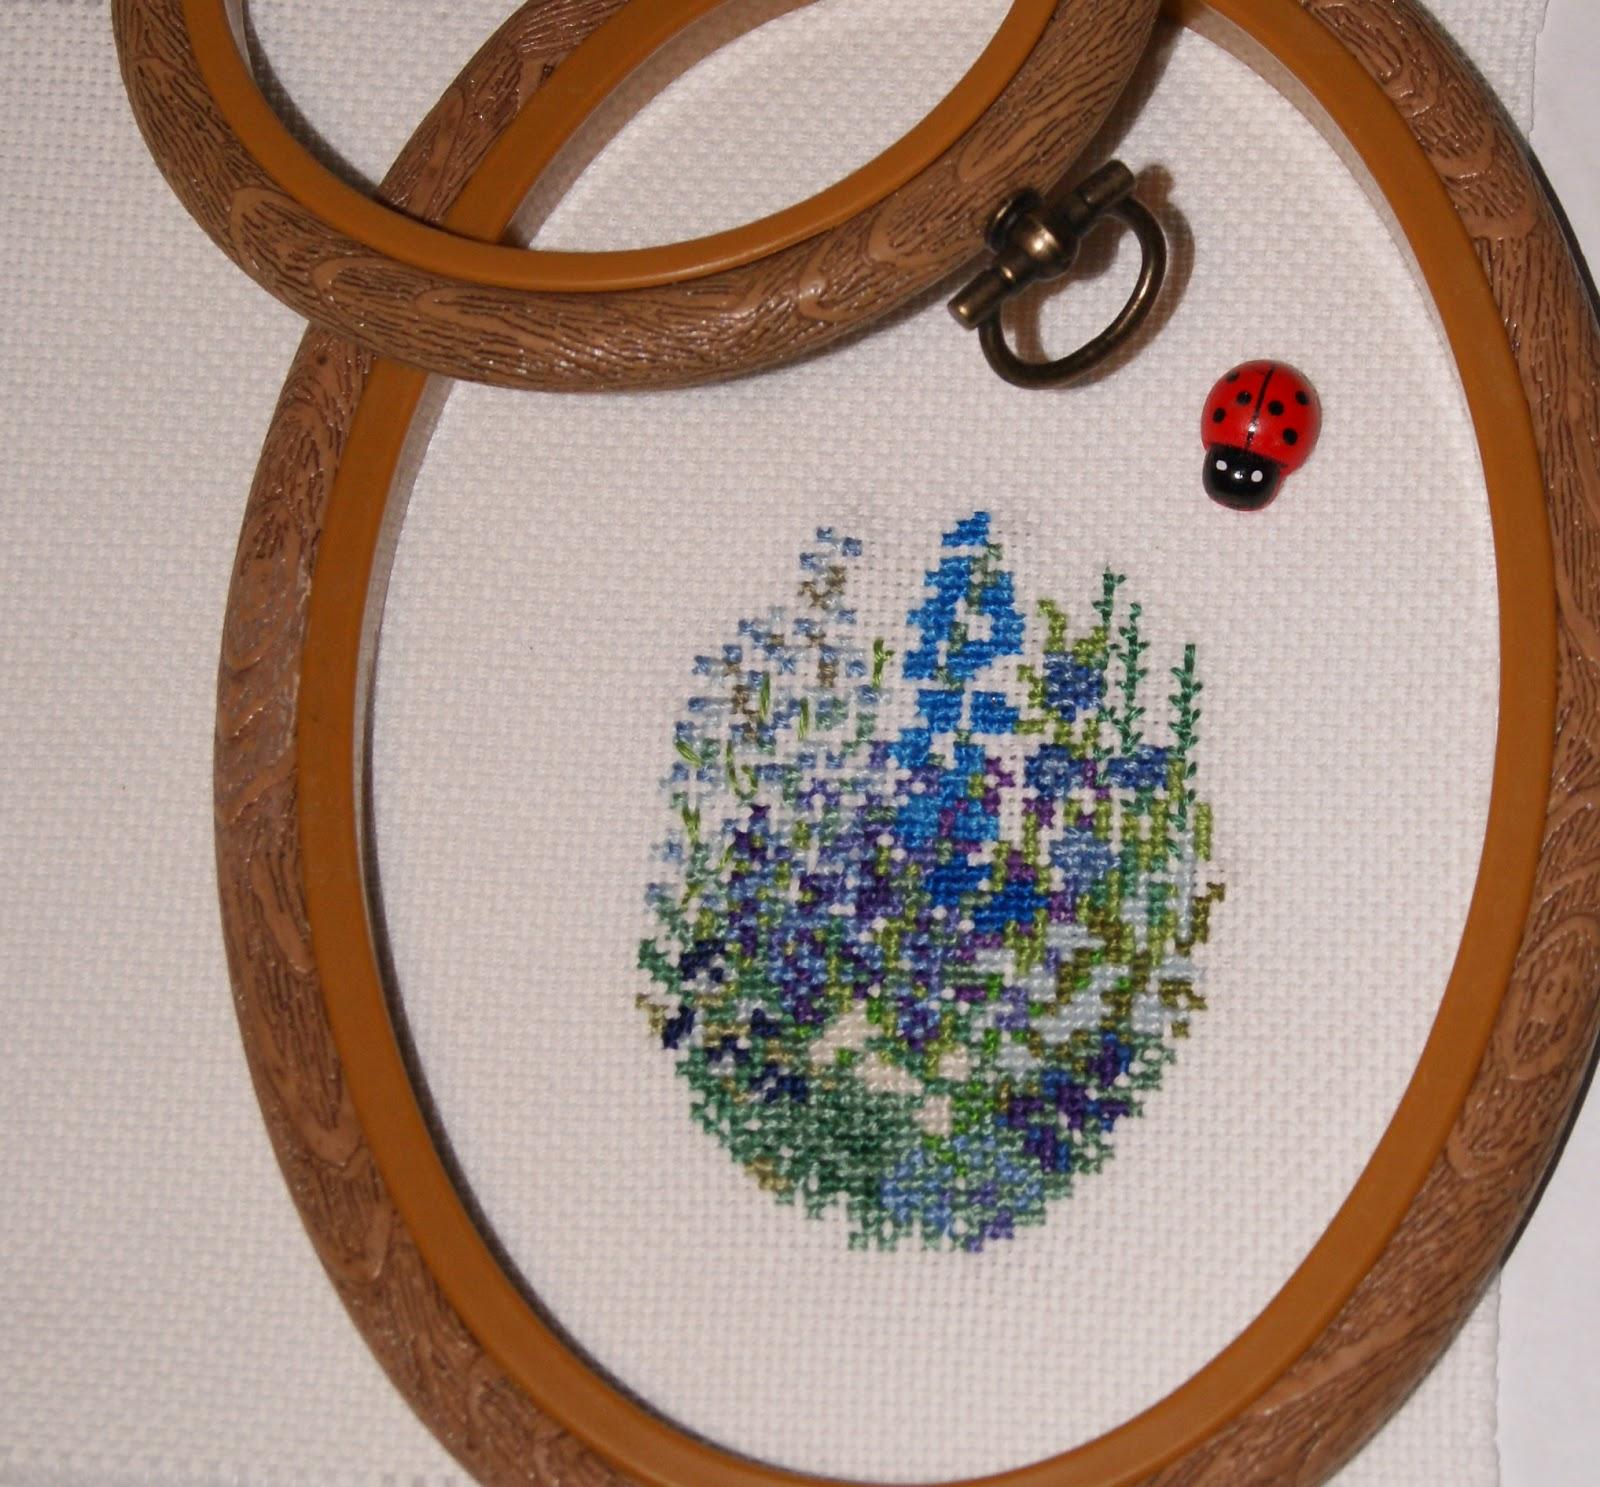 вышивка, миниатюра, цветы, вышитые цветы, вышиваю крестиком, вышивать, купить вышивку, ручная работа, оформление вышивки, вышитые картины, вышивка в голубой гамме, вышивка синие цветы, мини вышивка